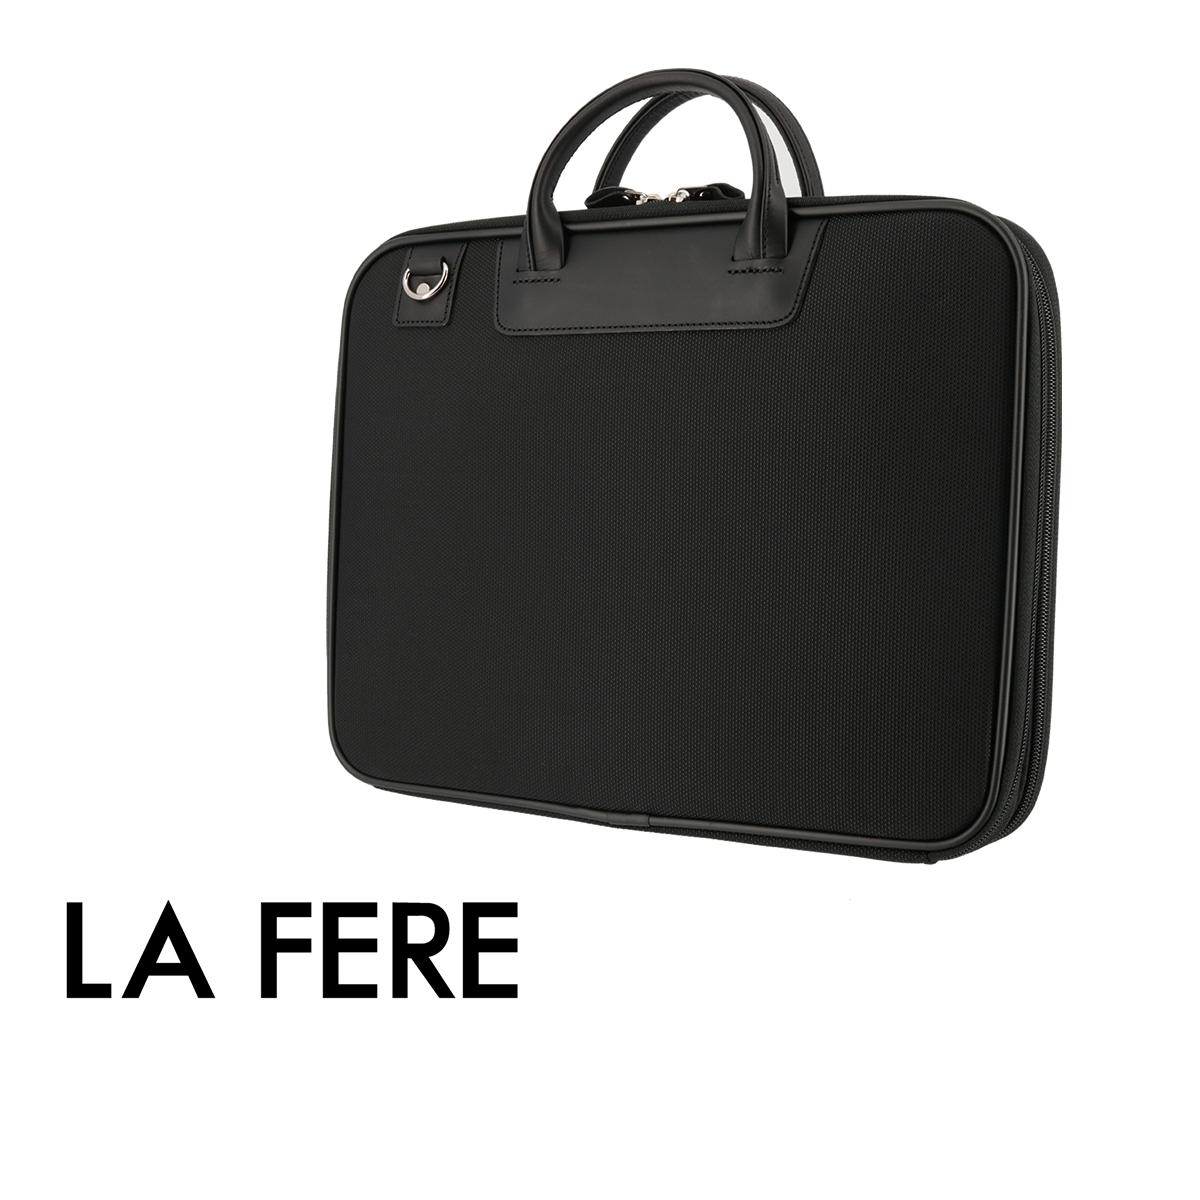 青木鞄 ラフェール ブリーフケース オプス 6717  LA FERE ビジネスバッグ メンズ 日本製 中空糸ナイロン[PO10][bef]